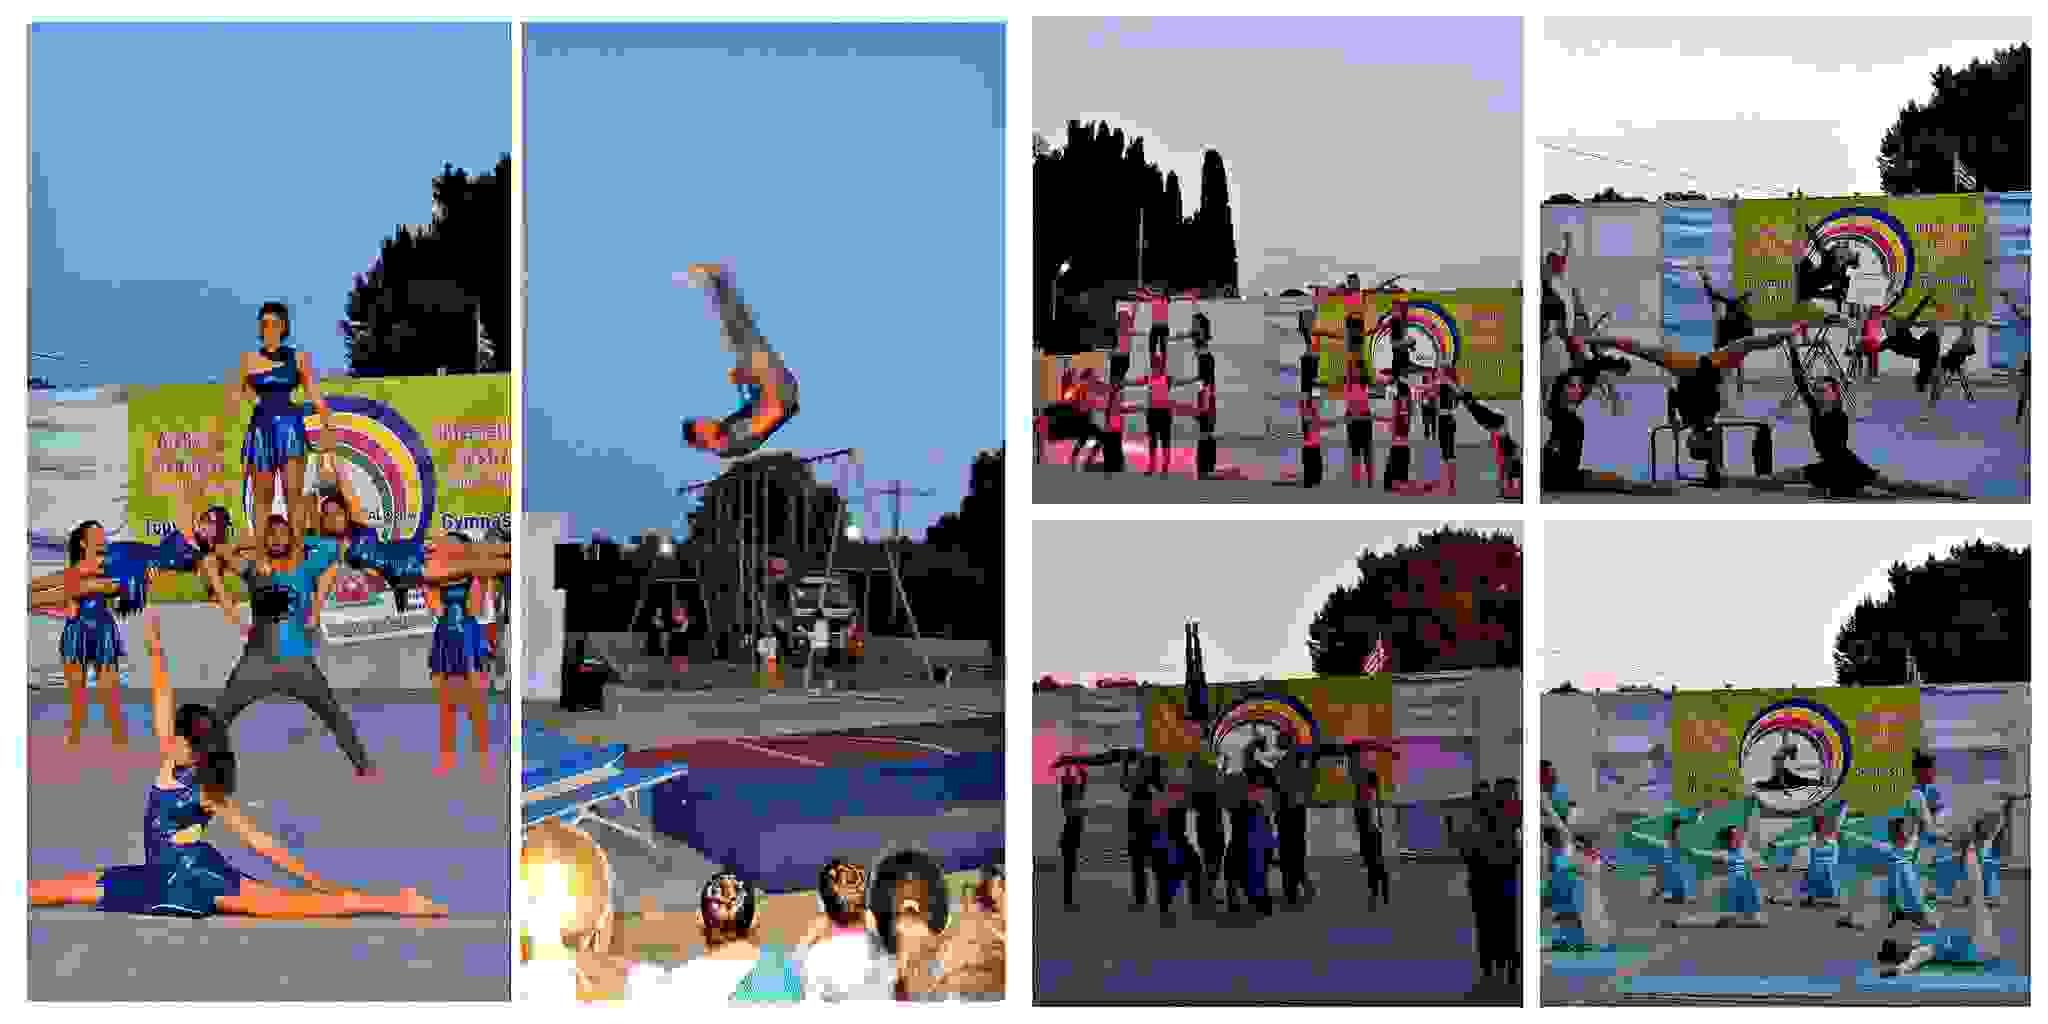 Φεστιβάλ Γυμναστικής για όλους «Άννα Πολλάτου», στα Κουρκουμελάτα! (Μέρος Α) (ΦΩΤΟ & ΒΙΝΤΕΟ) Γράφει η Αναστασία Κανάκη